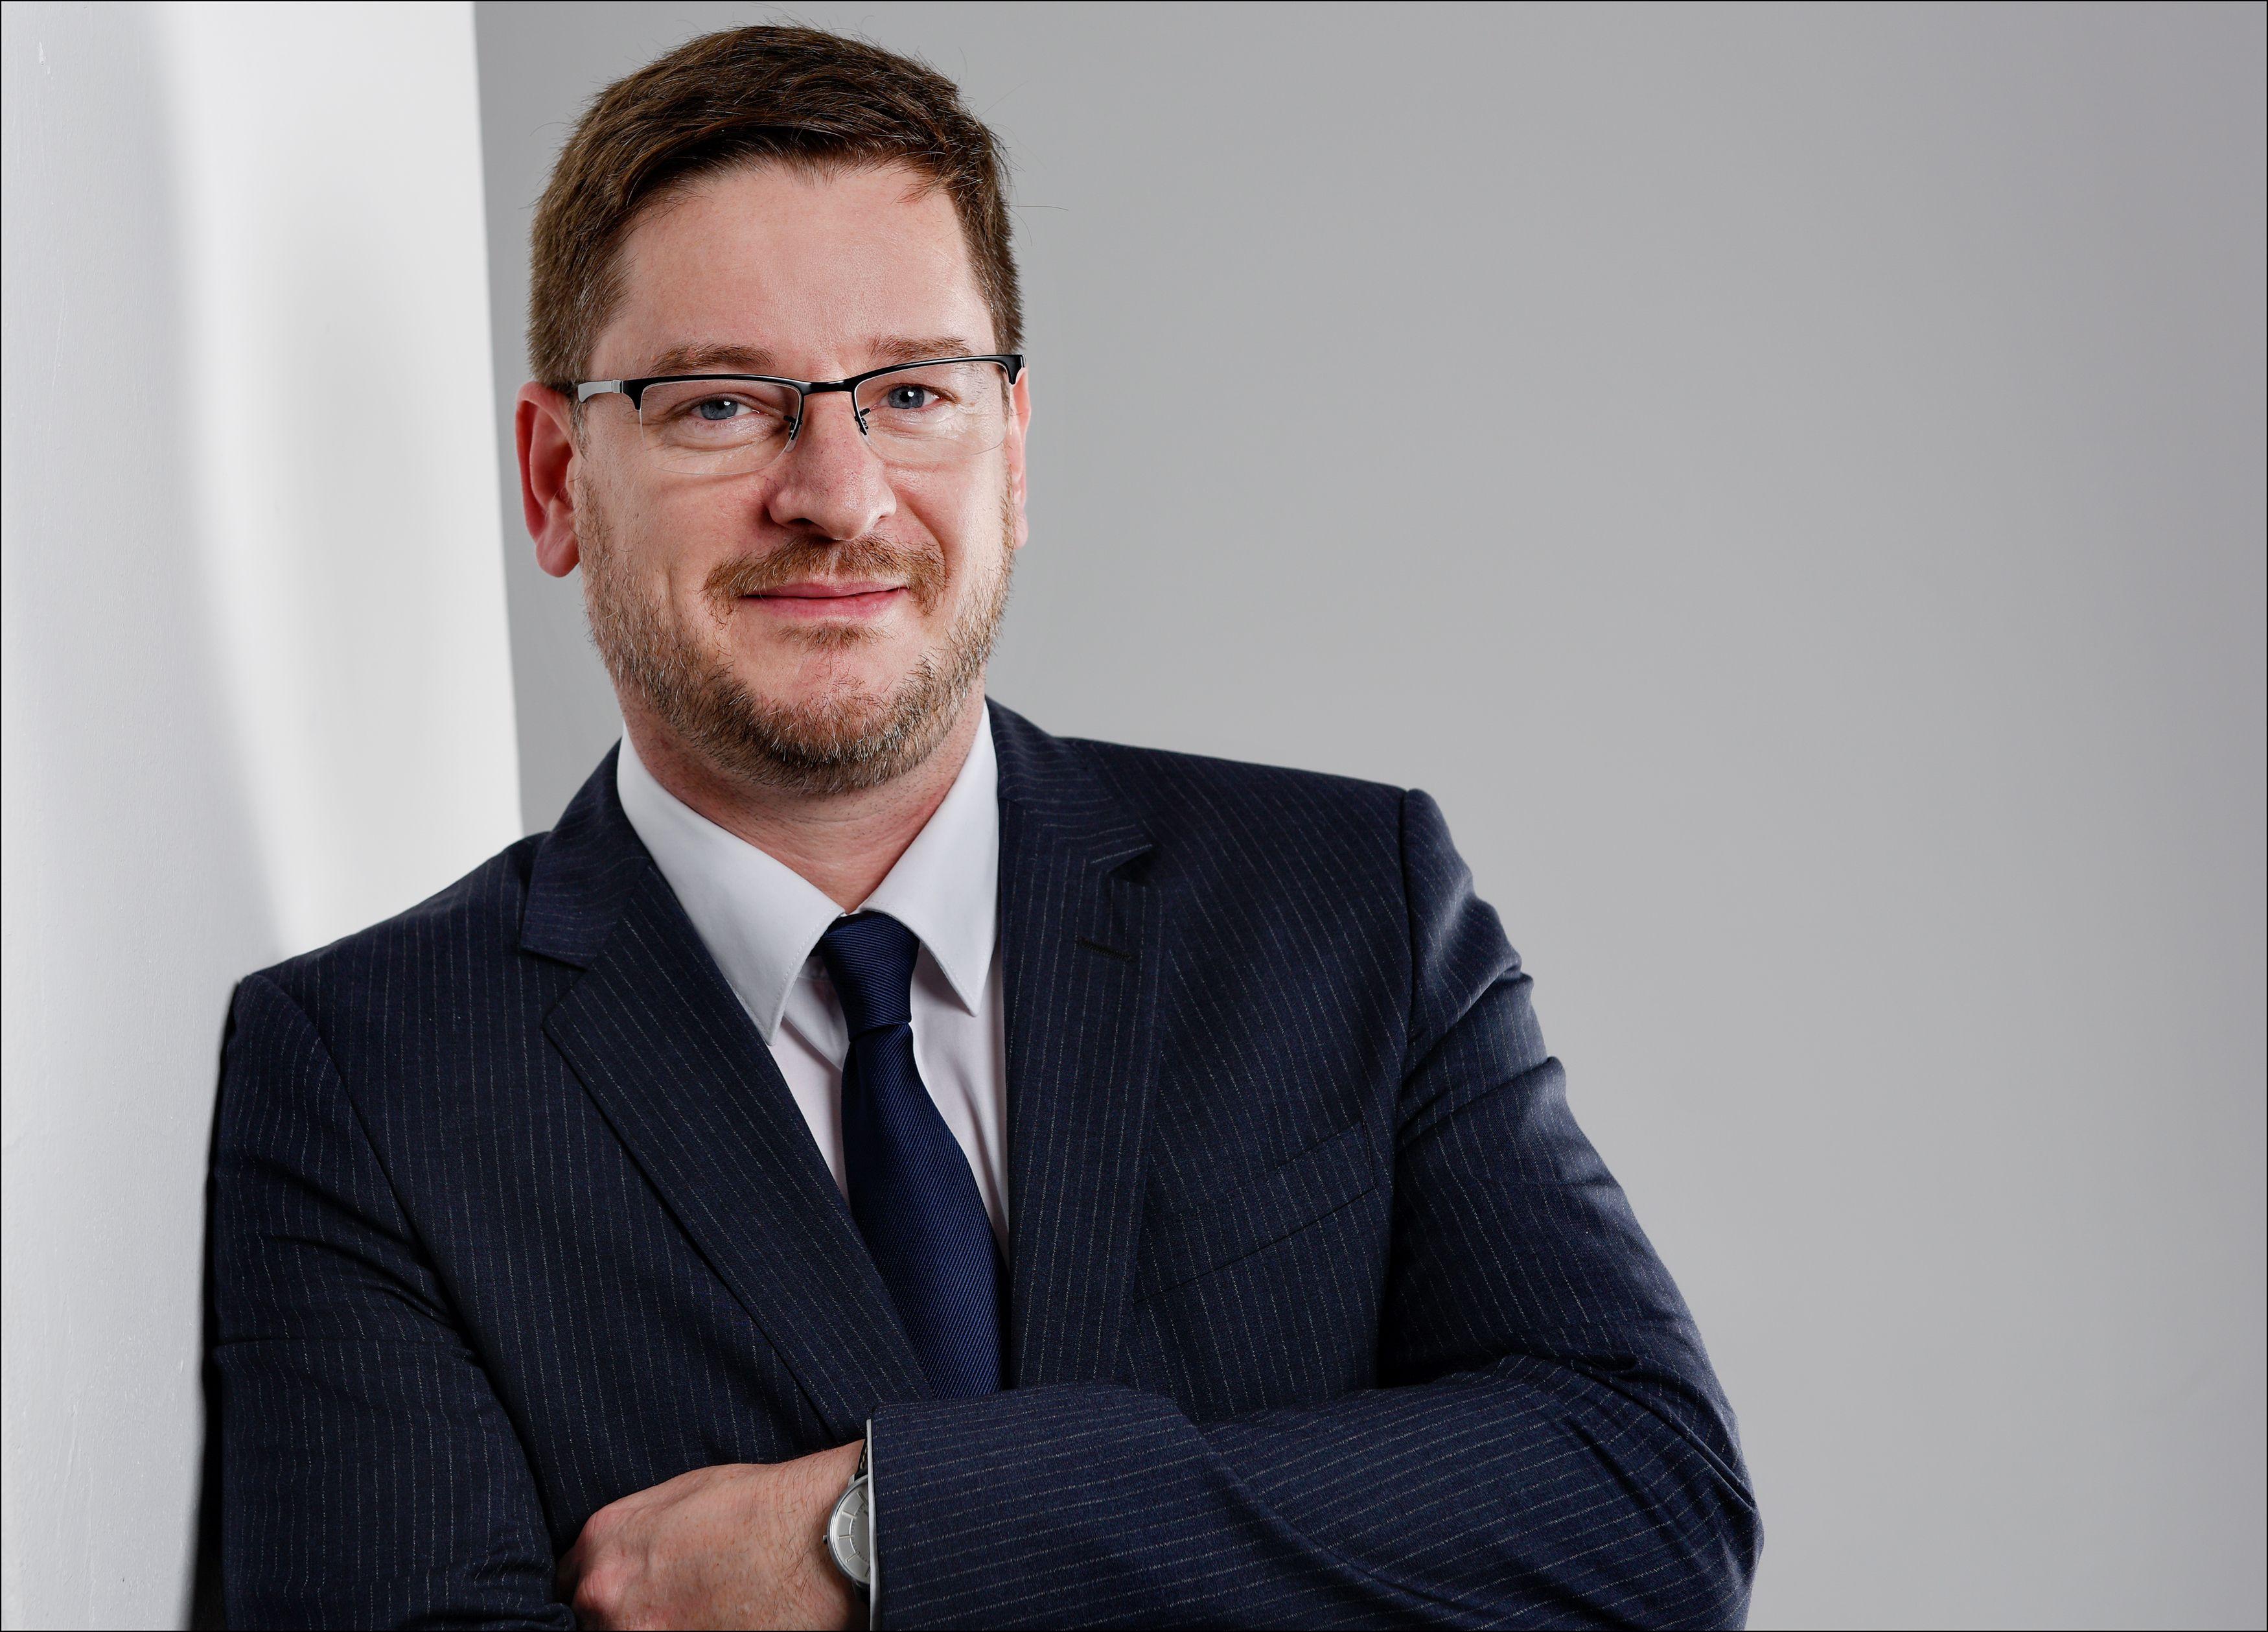 Porträtfoto von Herr Dr. Christian Walda